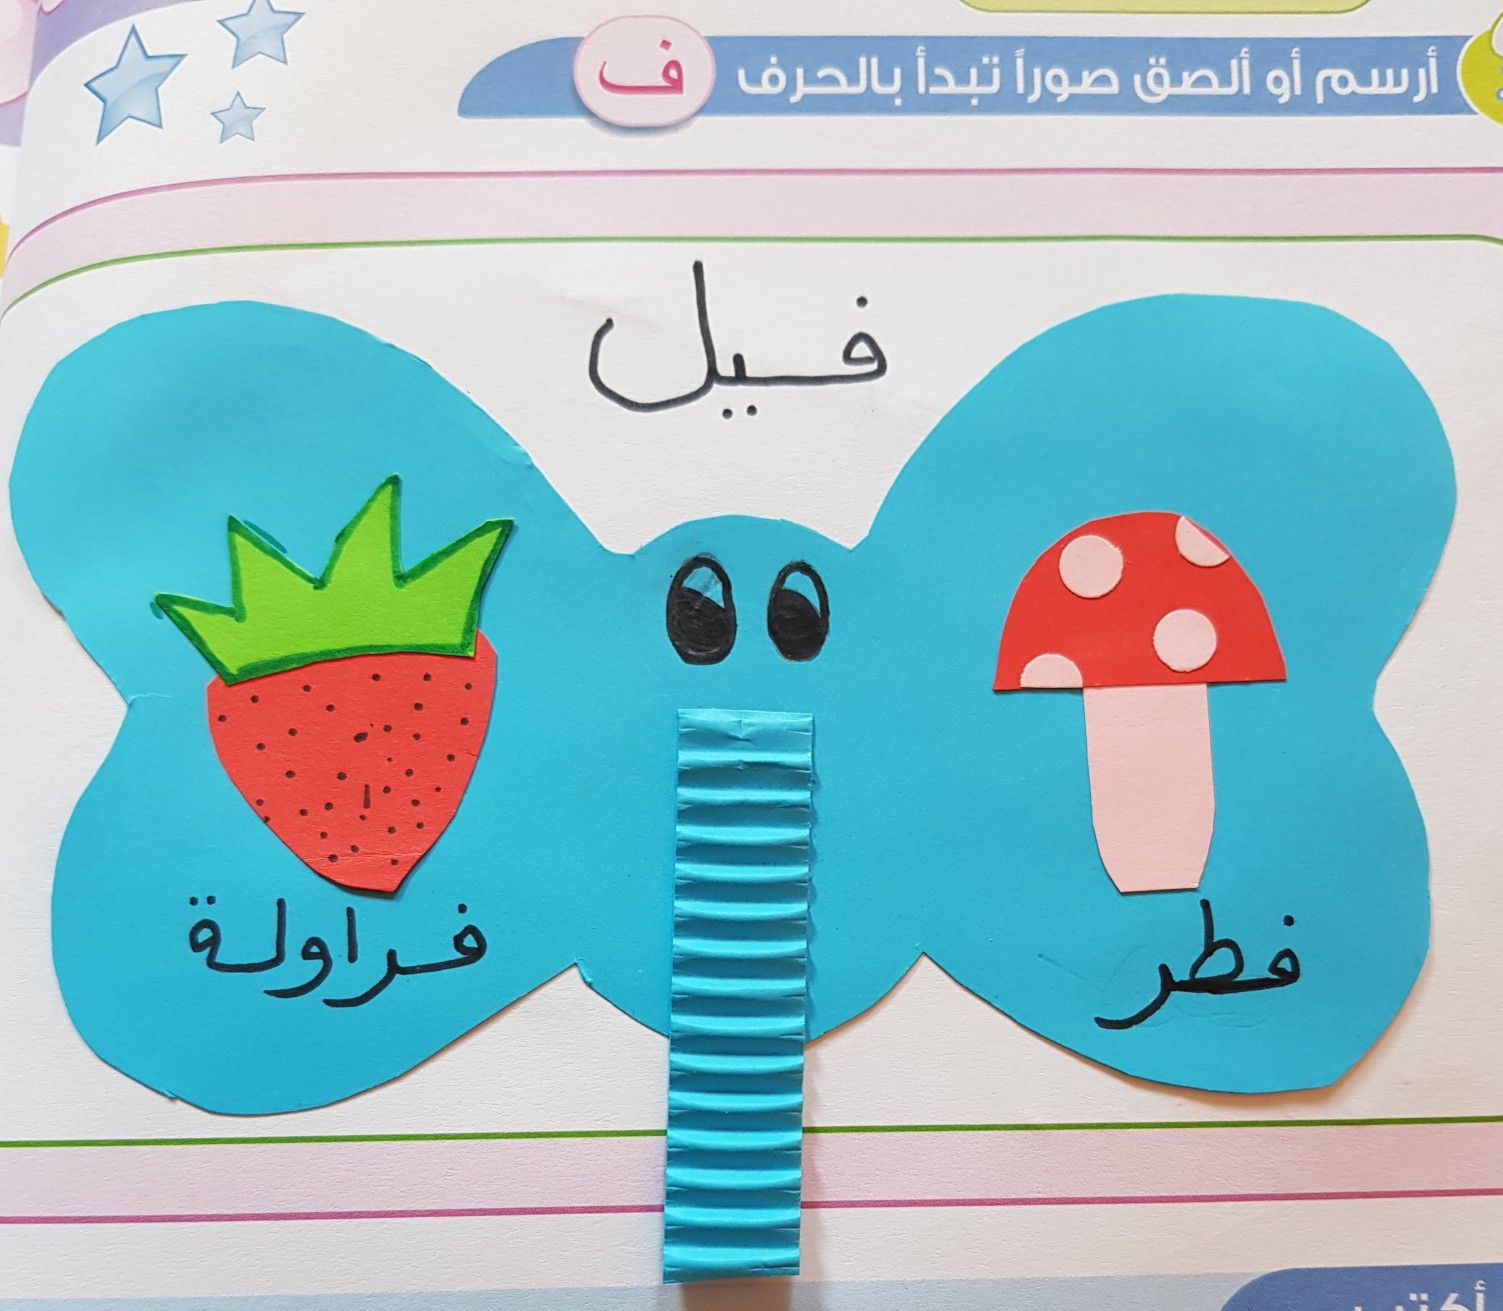 نشاط حرف ف فيل فطر فراولة Alphabet Activities Kindergarten Shape Activities Preschool Islamic Kids Activities